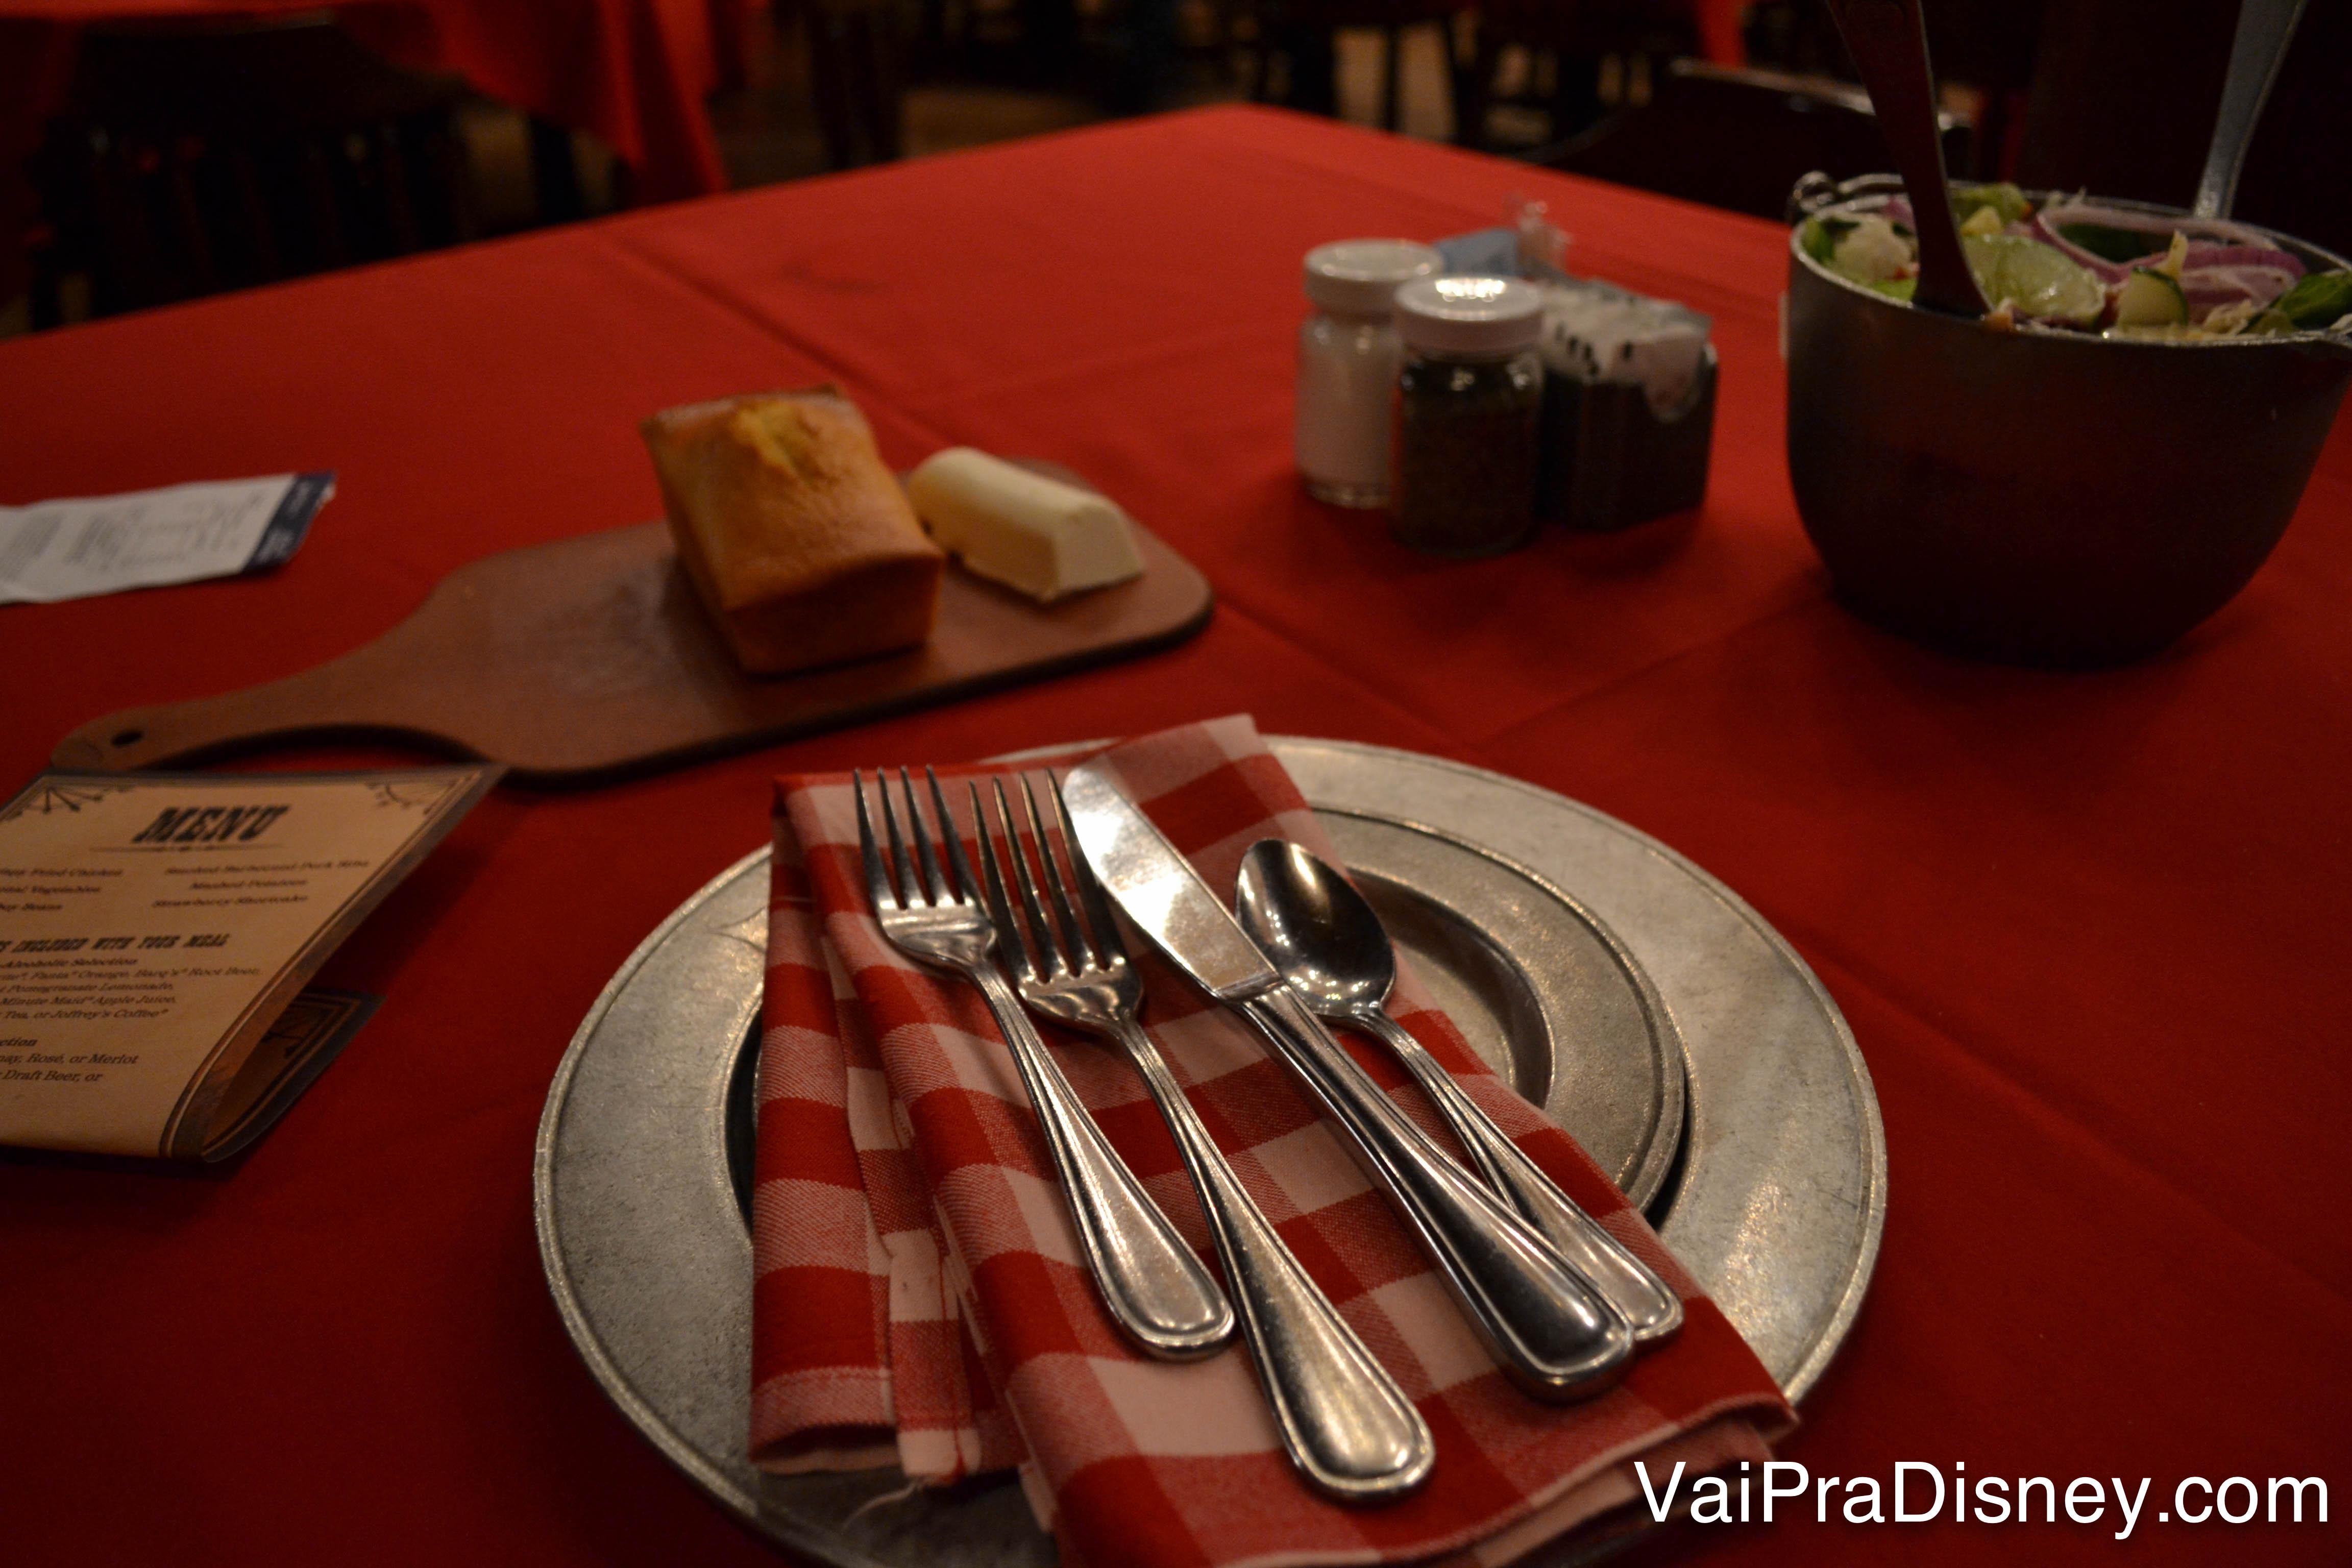 A mesa montada com toalha vermelha e guardanapo xadrez - e a saladinha no canto - antes de começar o Hoop-Dee-Doo Musical Revue